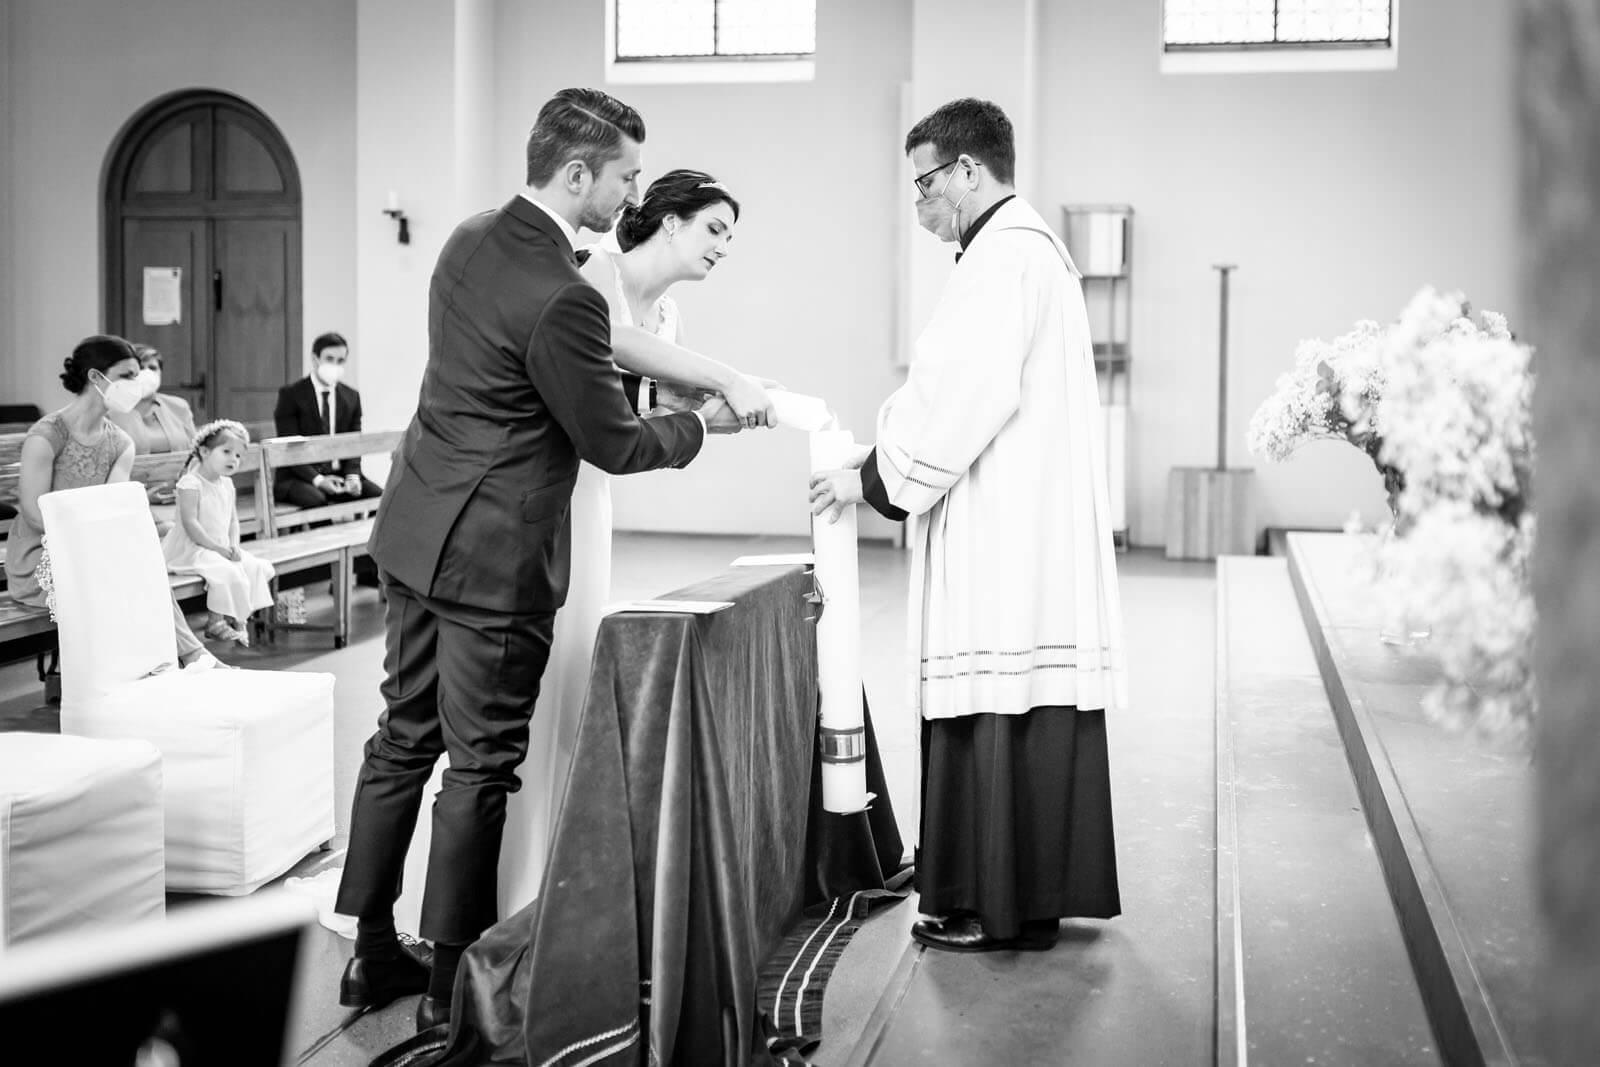 Kerze anzünden beim Traugottesdienst